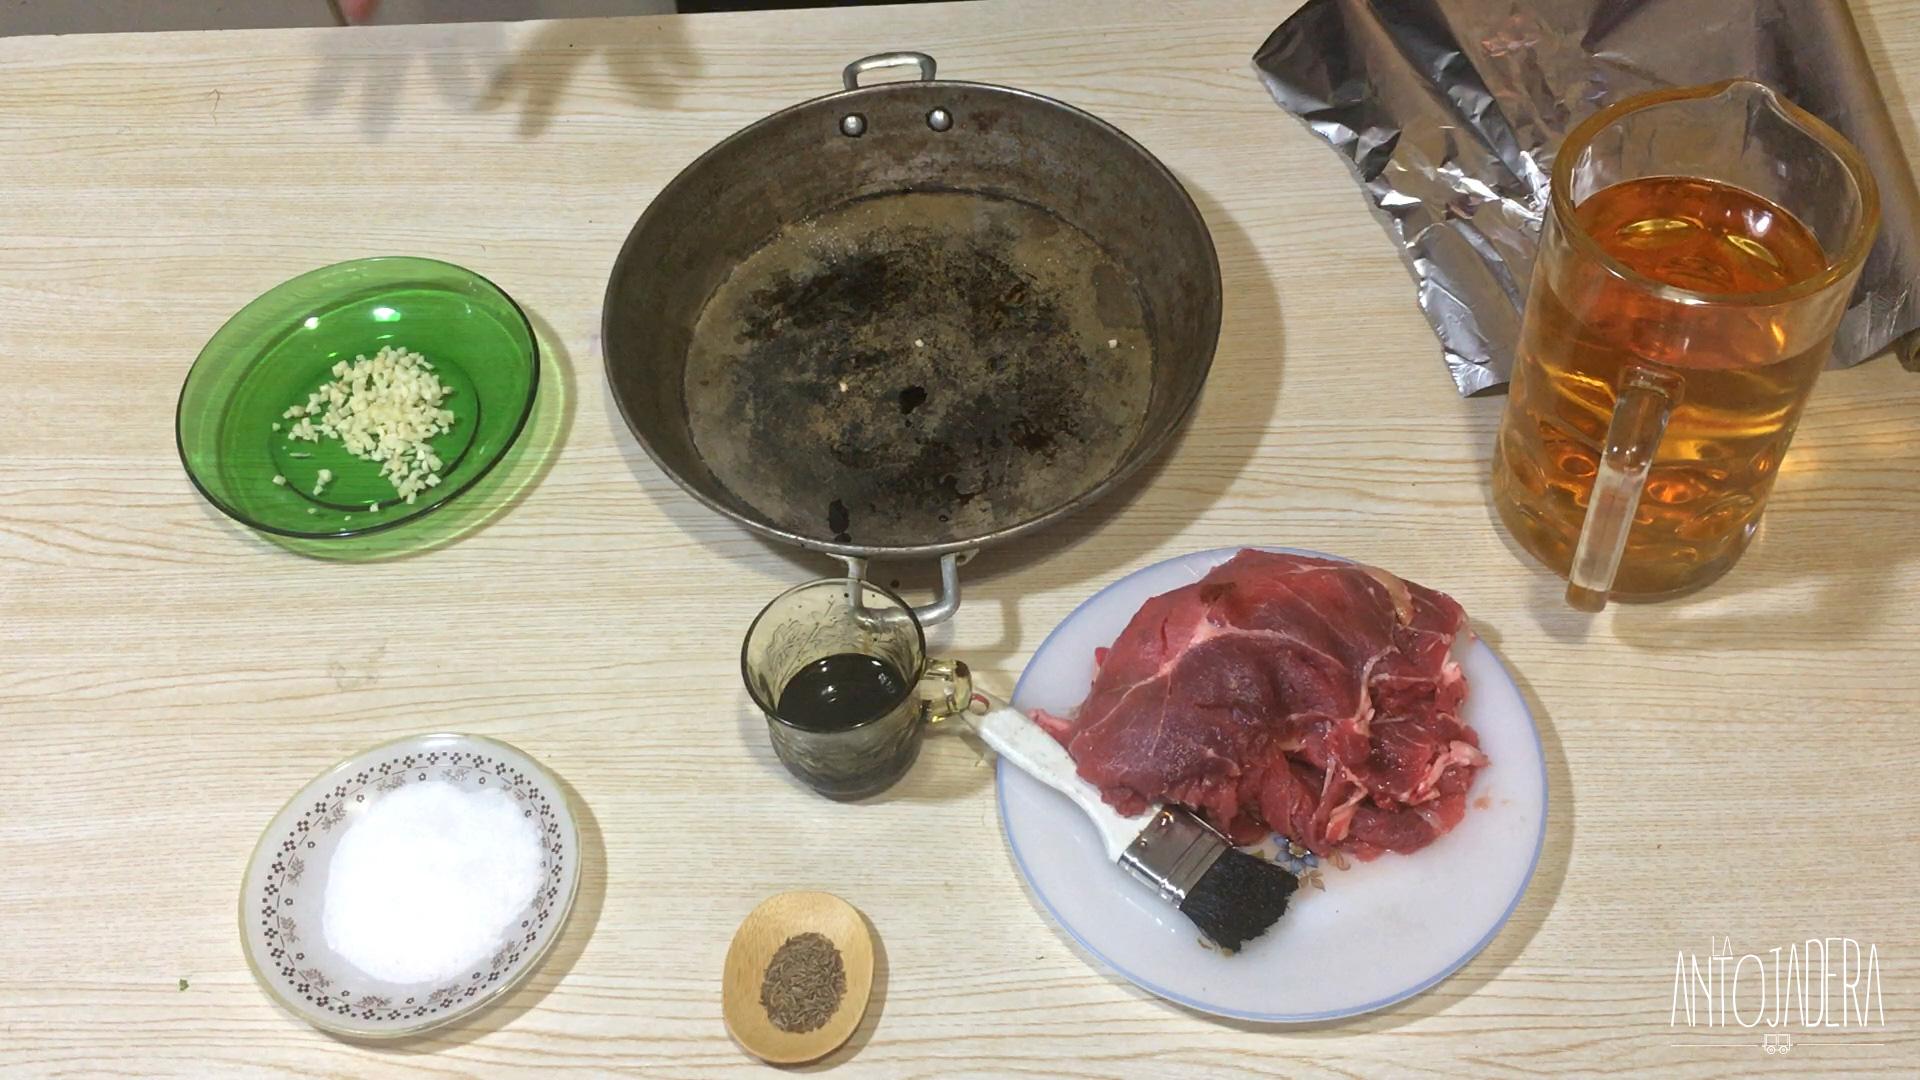 La Antojadera | Bistec Marinado en Cerveza